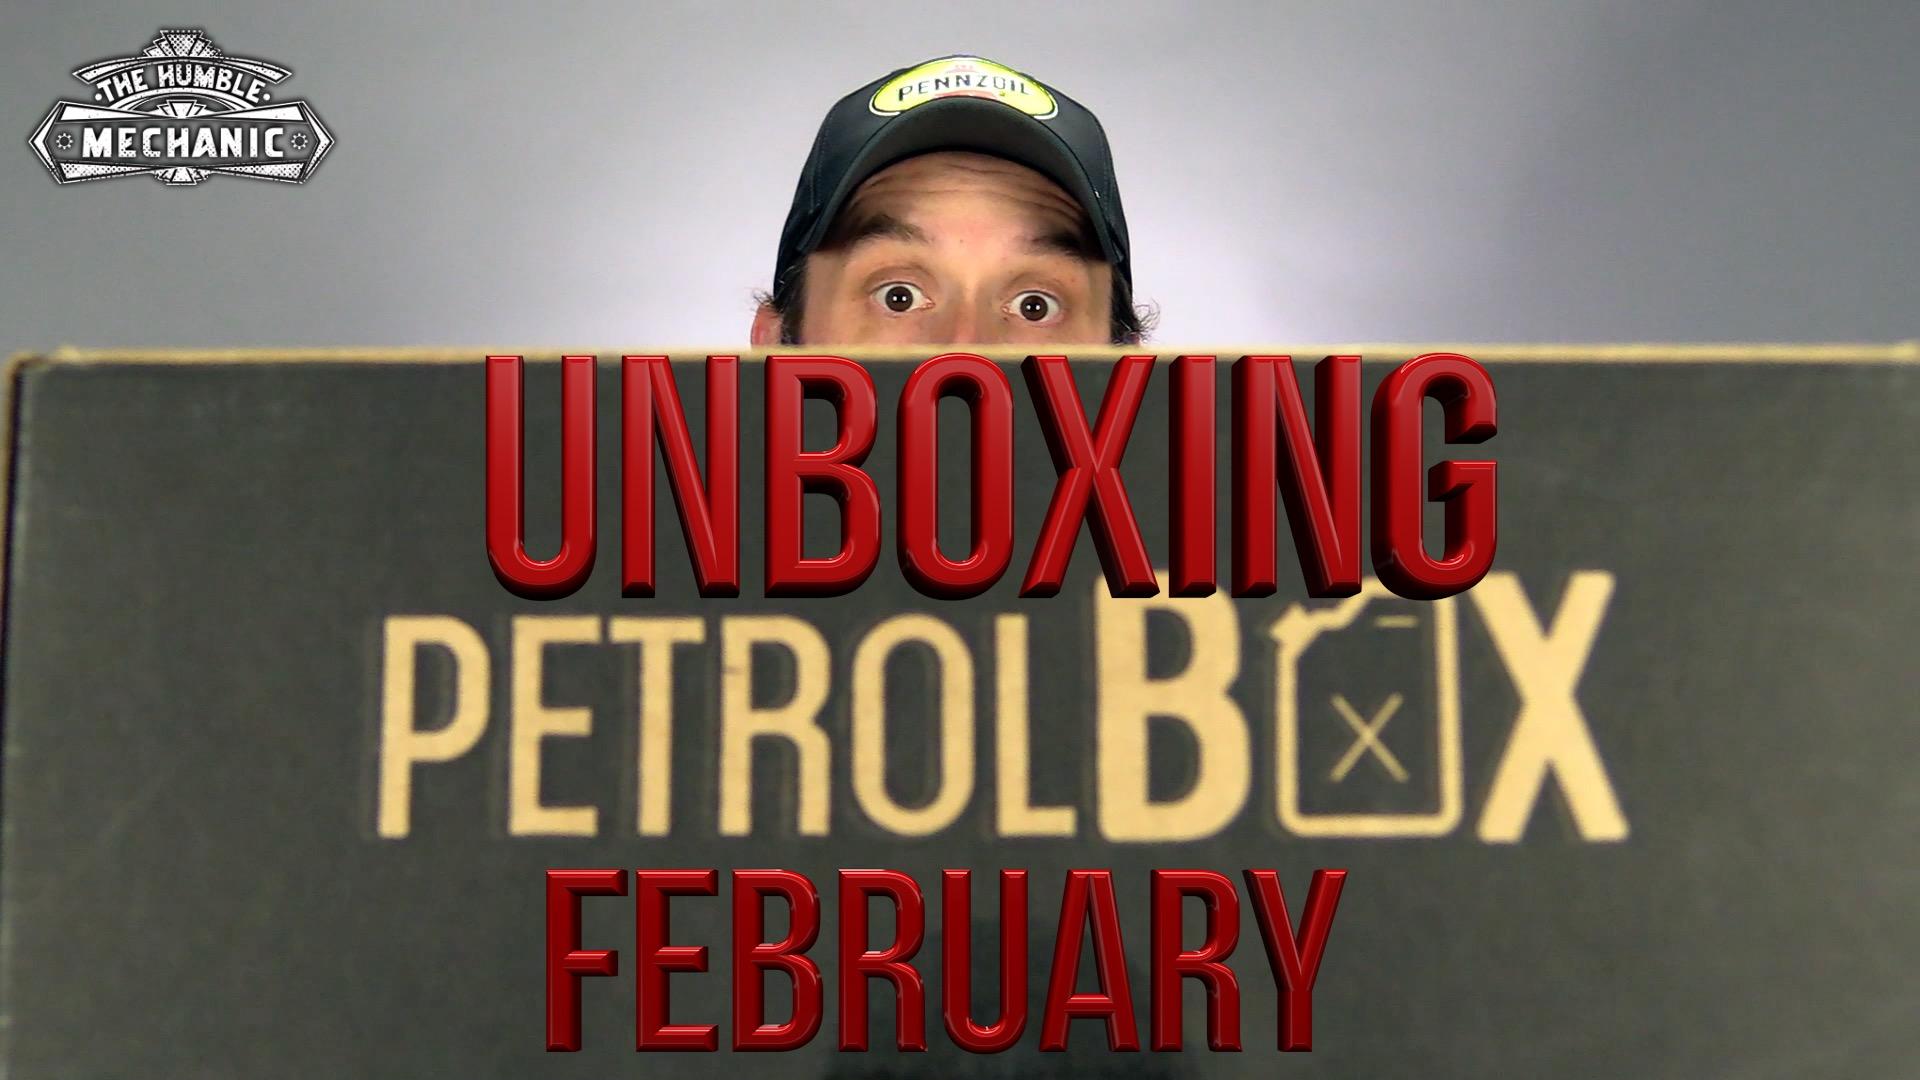 UnBoxing February PetrolBox®